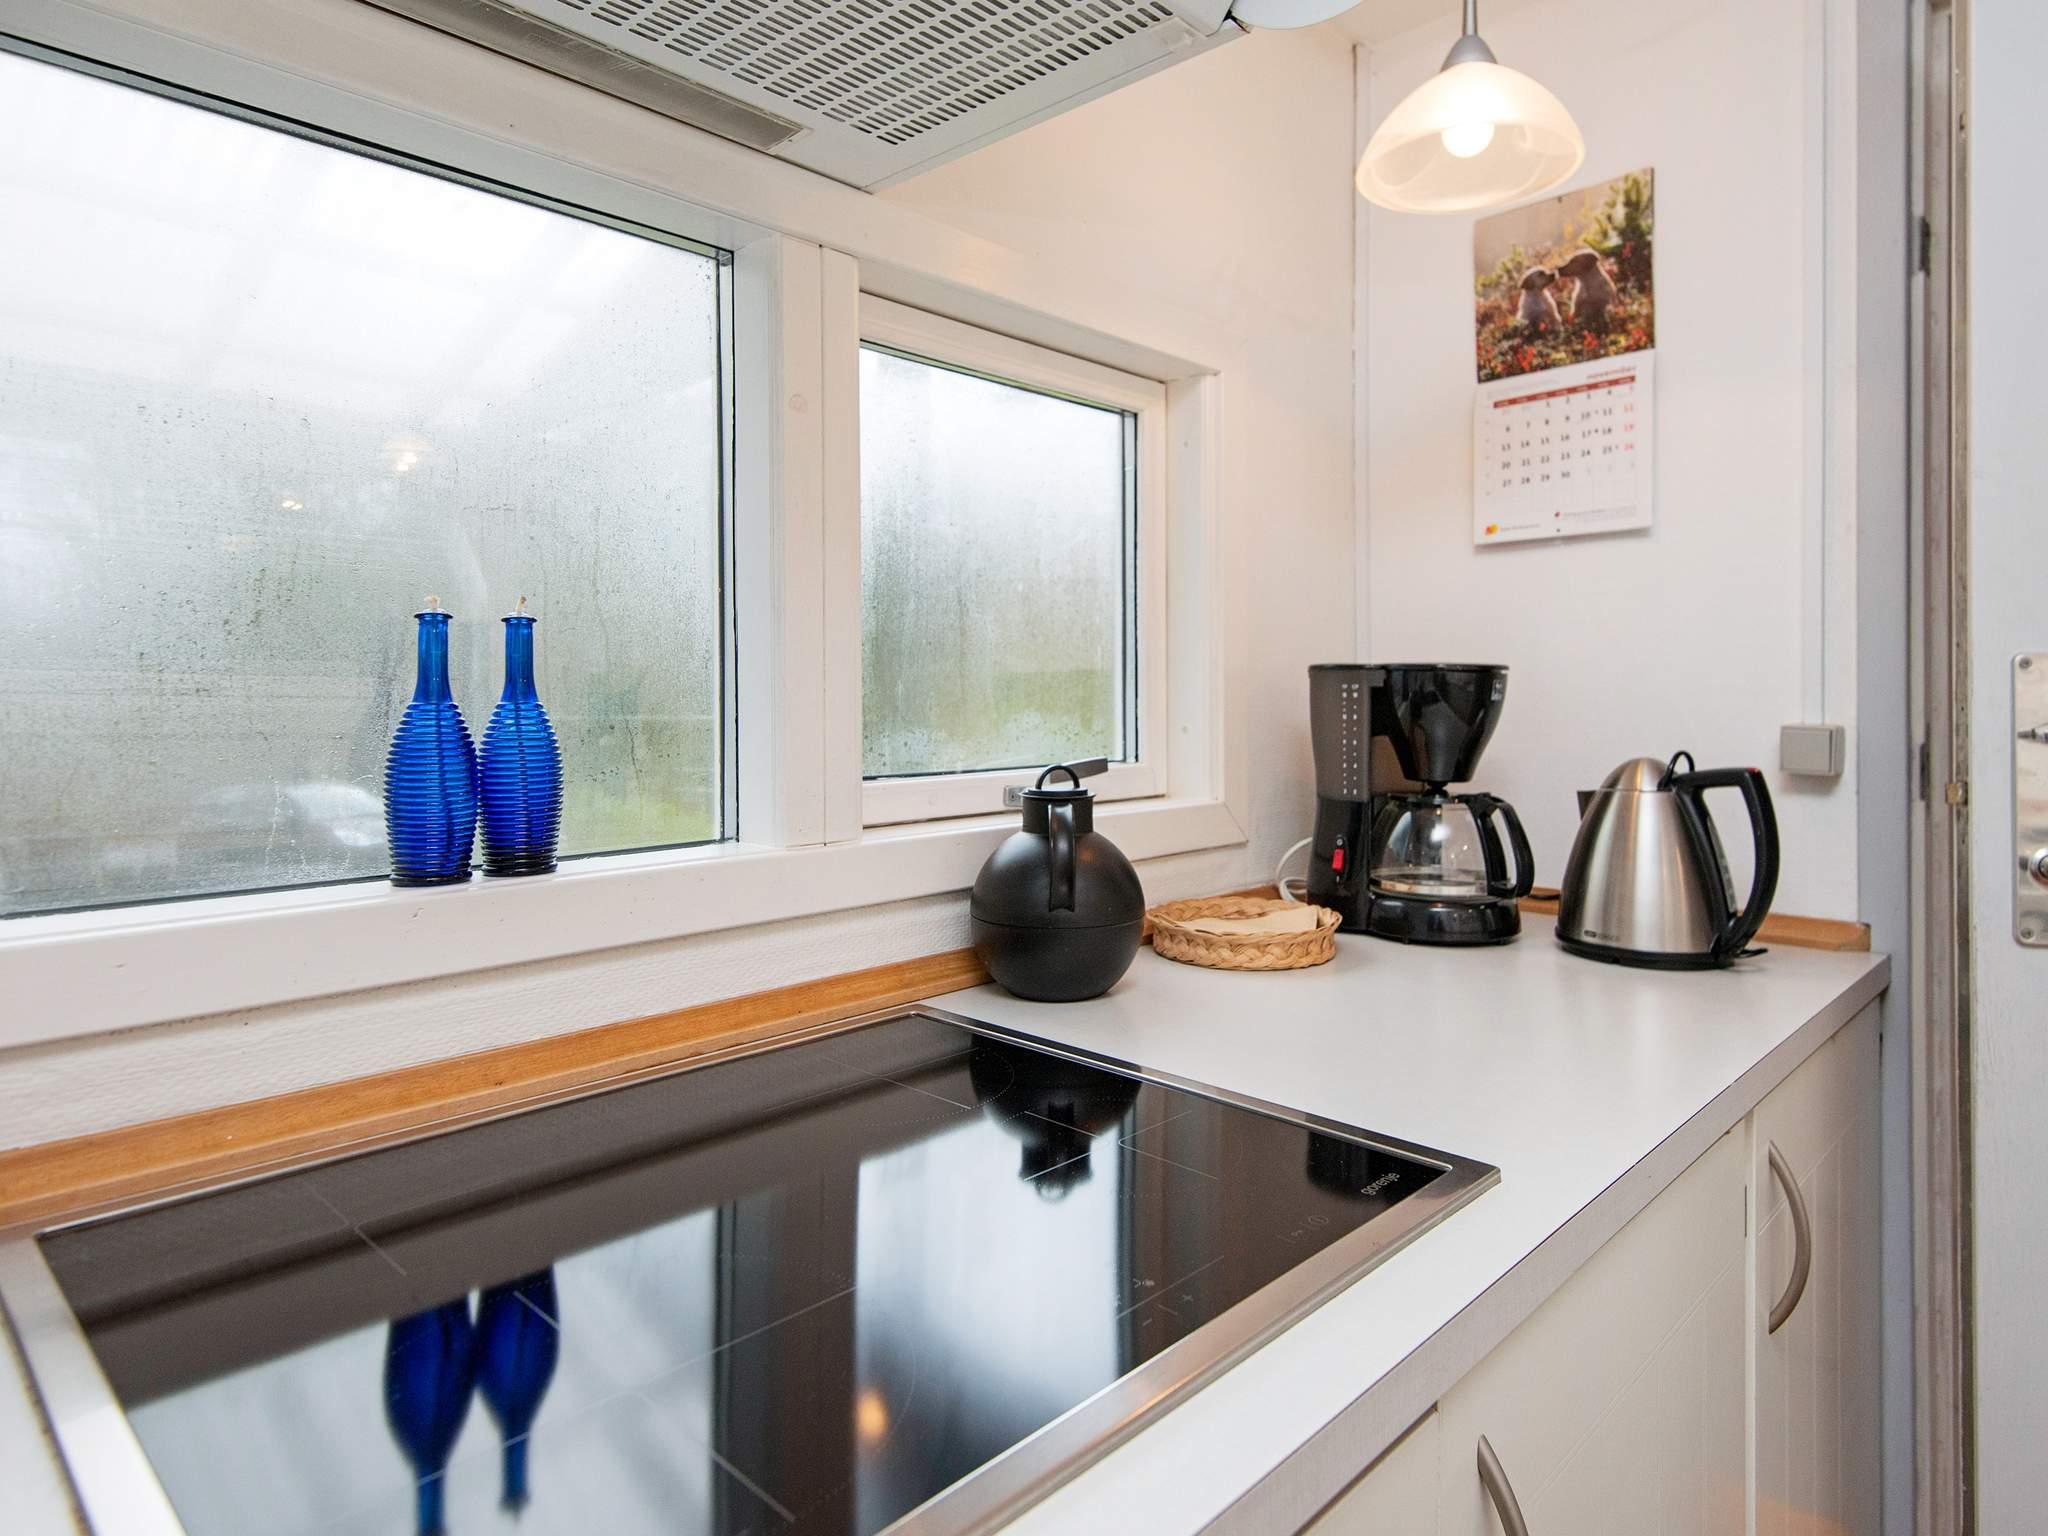 Ferienhaus Silkeborg (2355202), Silkeborg, , Ostjütland, Dänemark, Bild 5